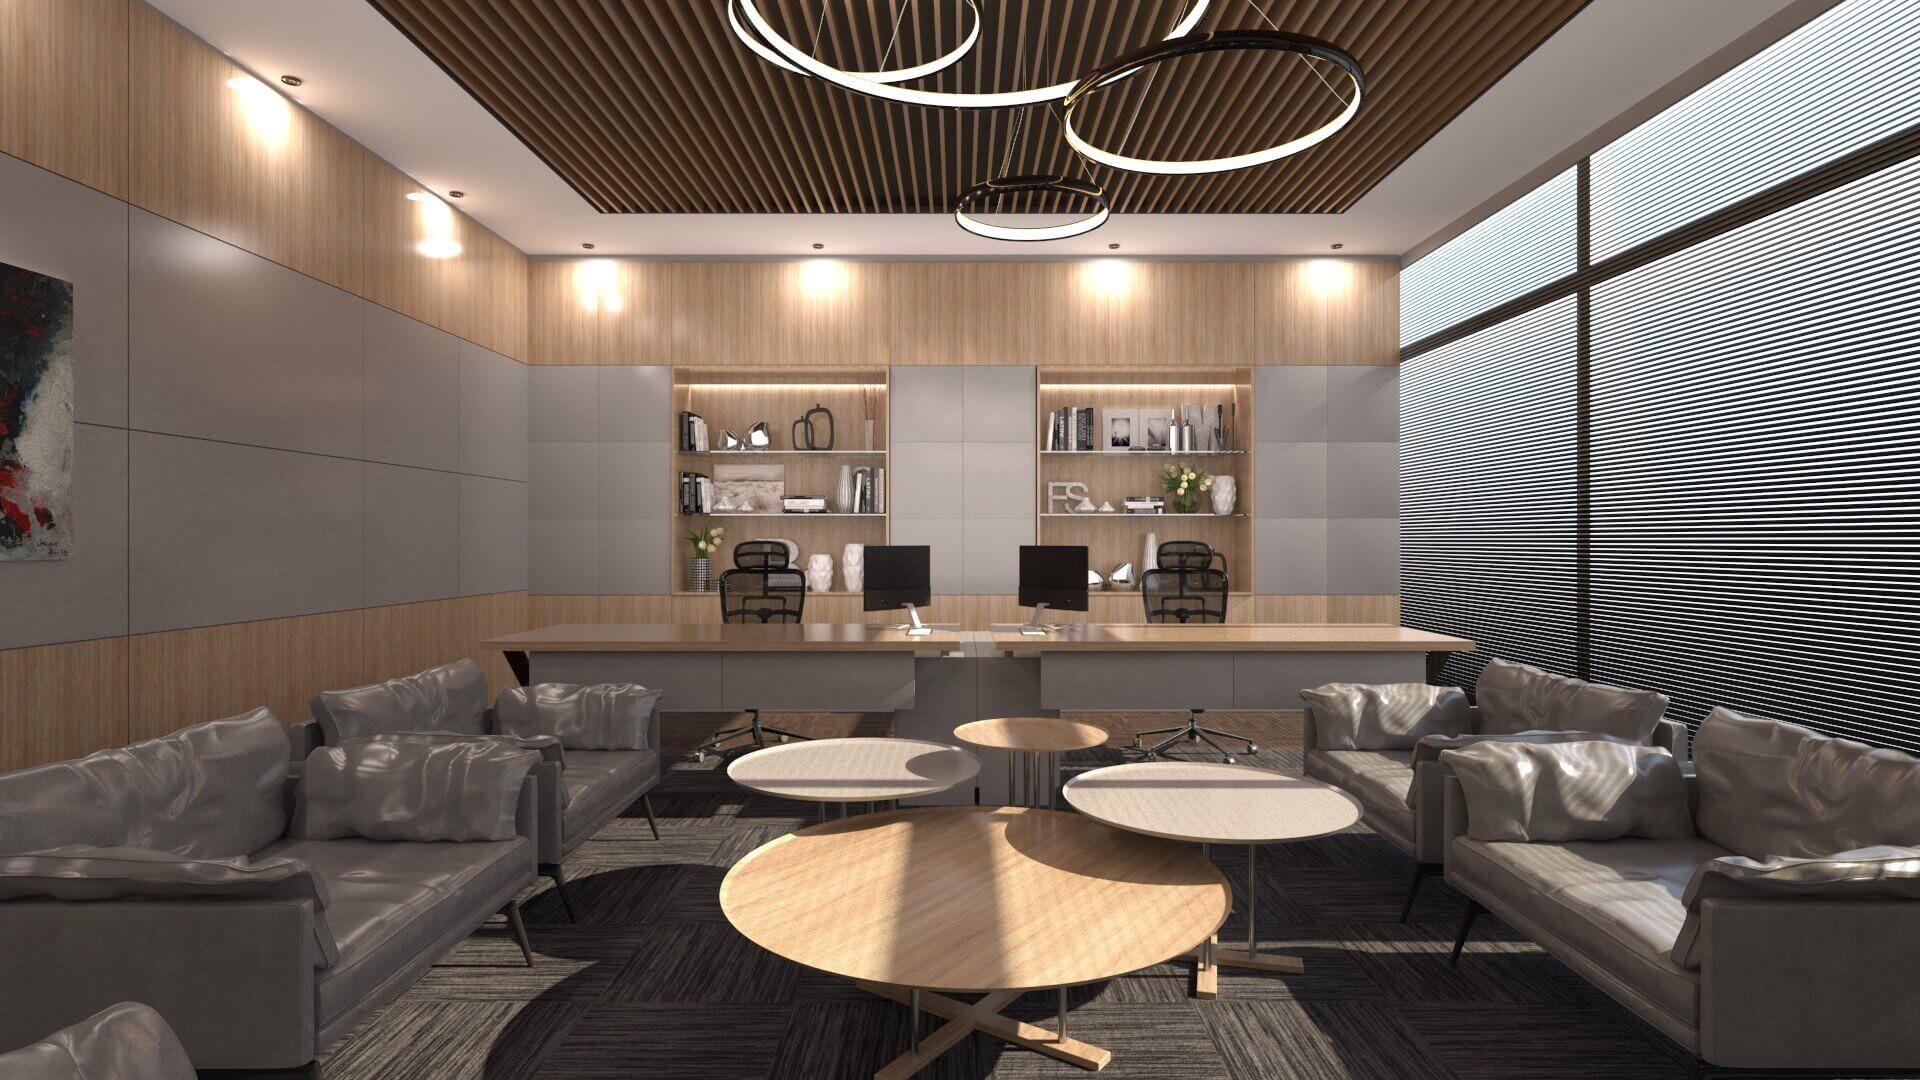 ofis dekorasyonu 3670 Saygın Savunma ve Havacılık Ofisler